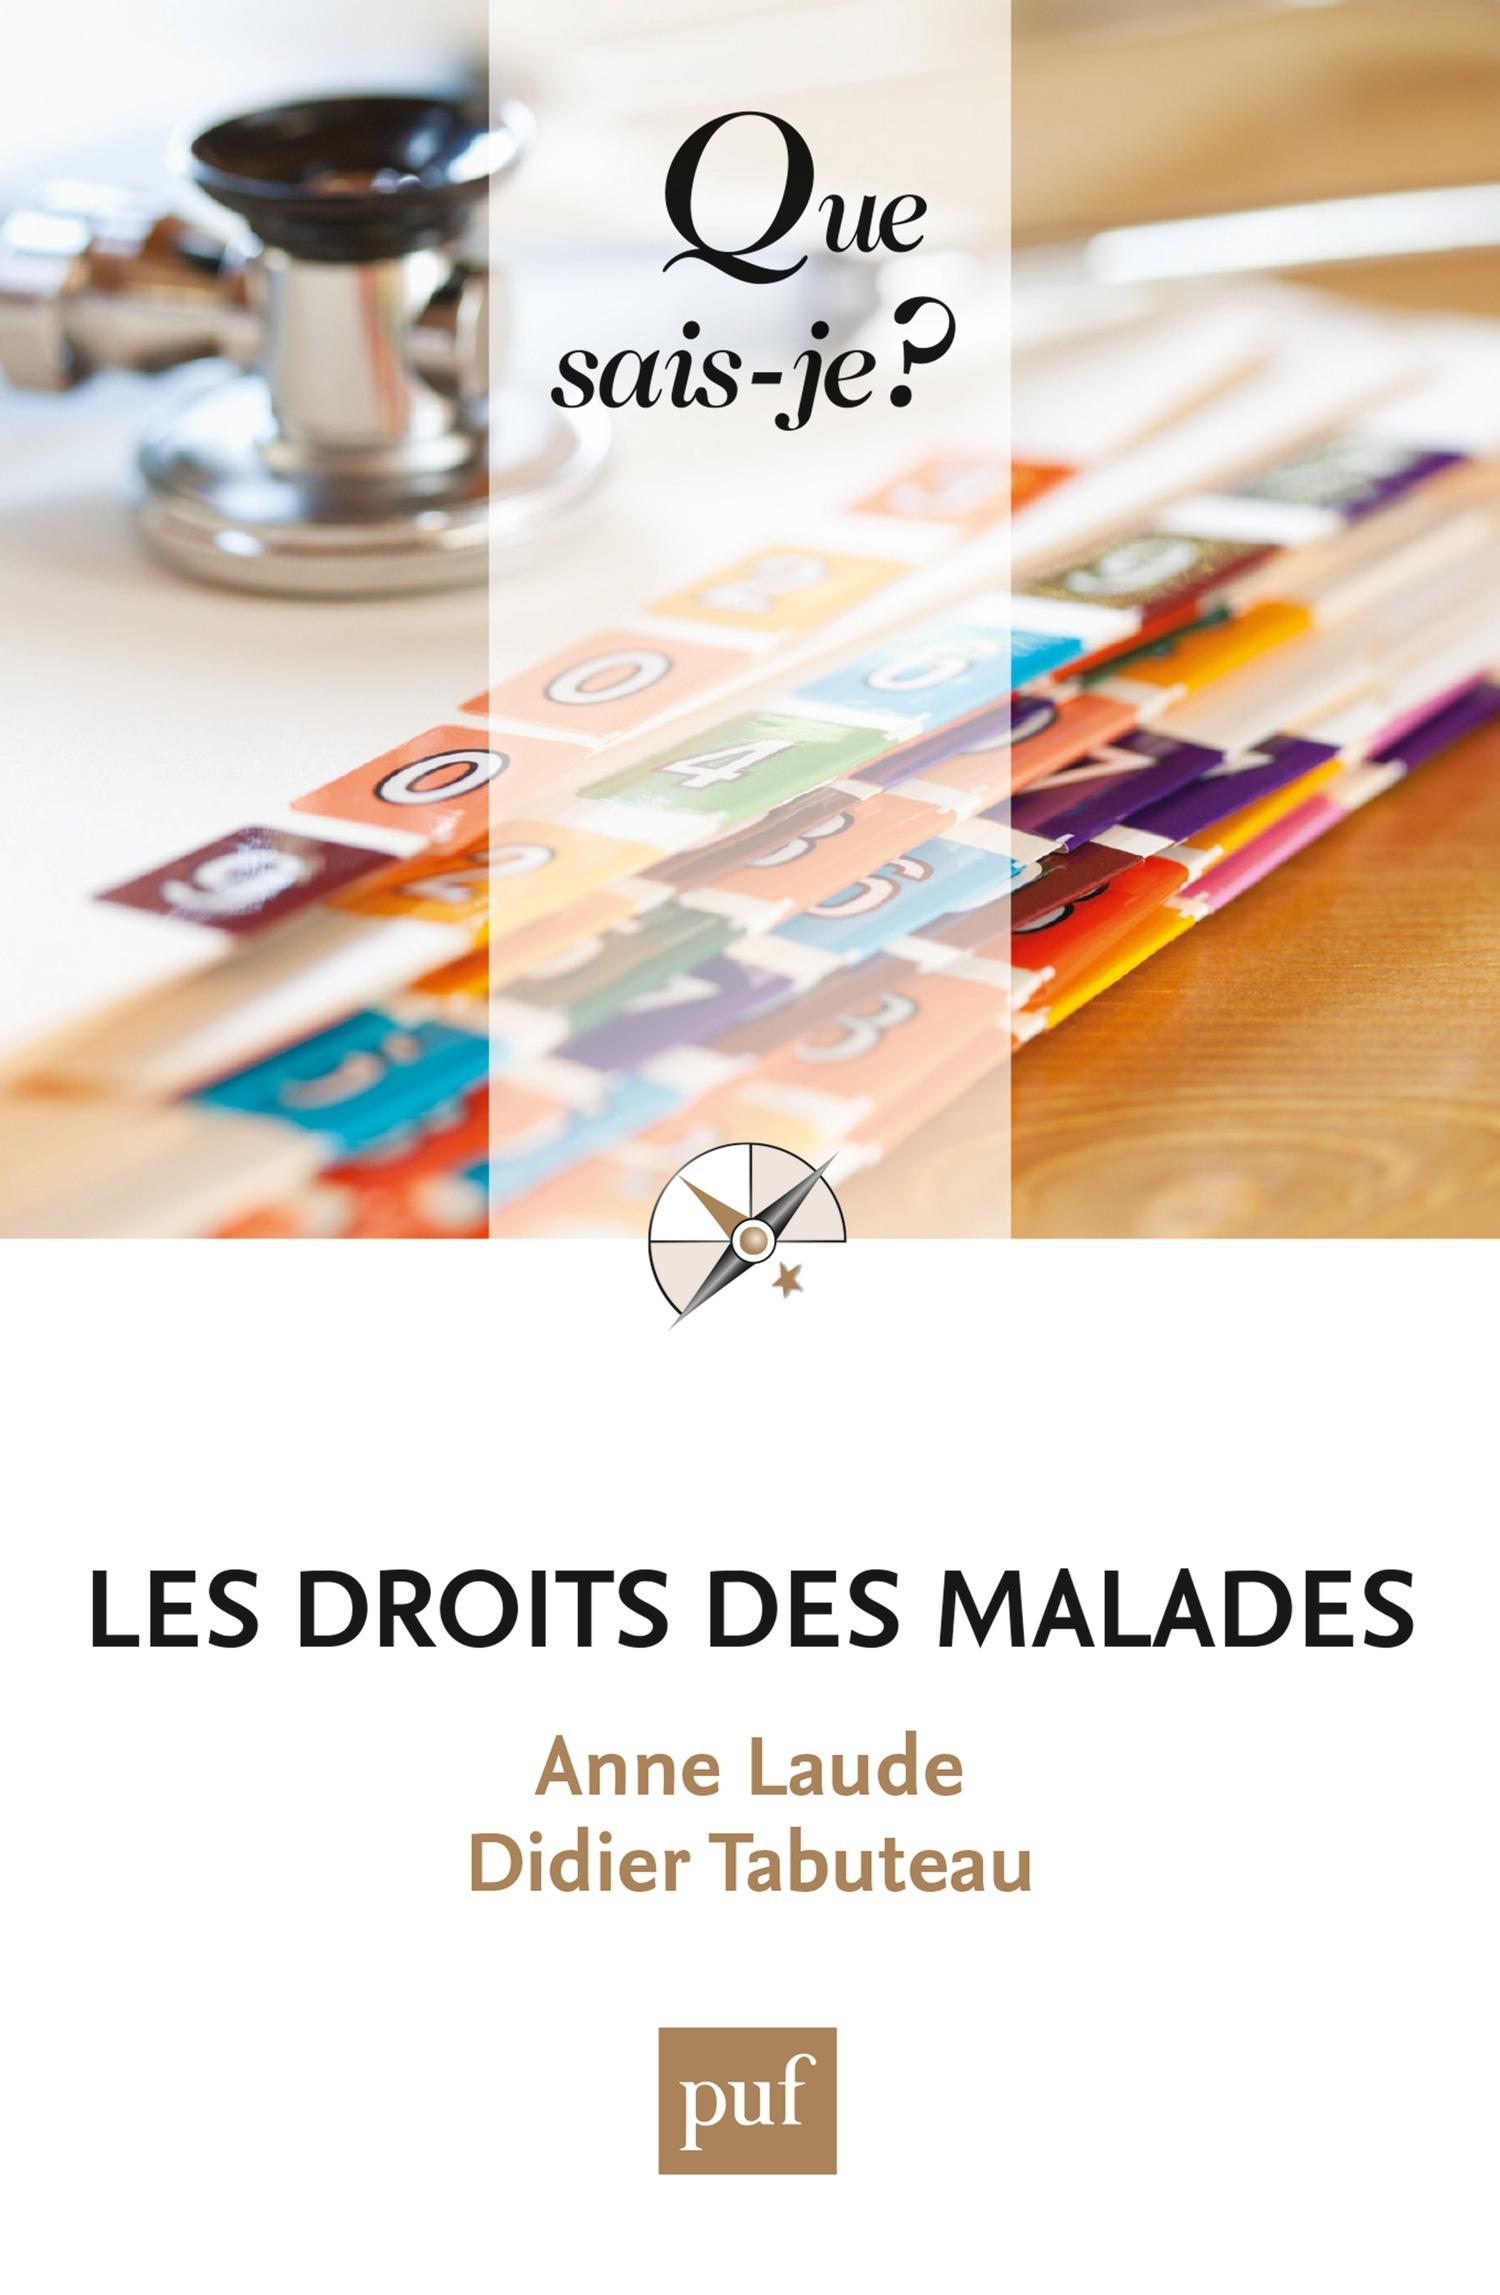 Didier Tabuteau Les droits des malades